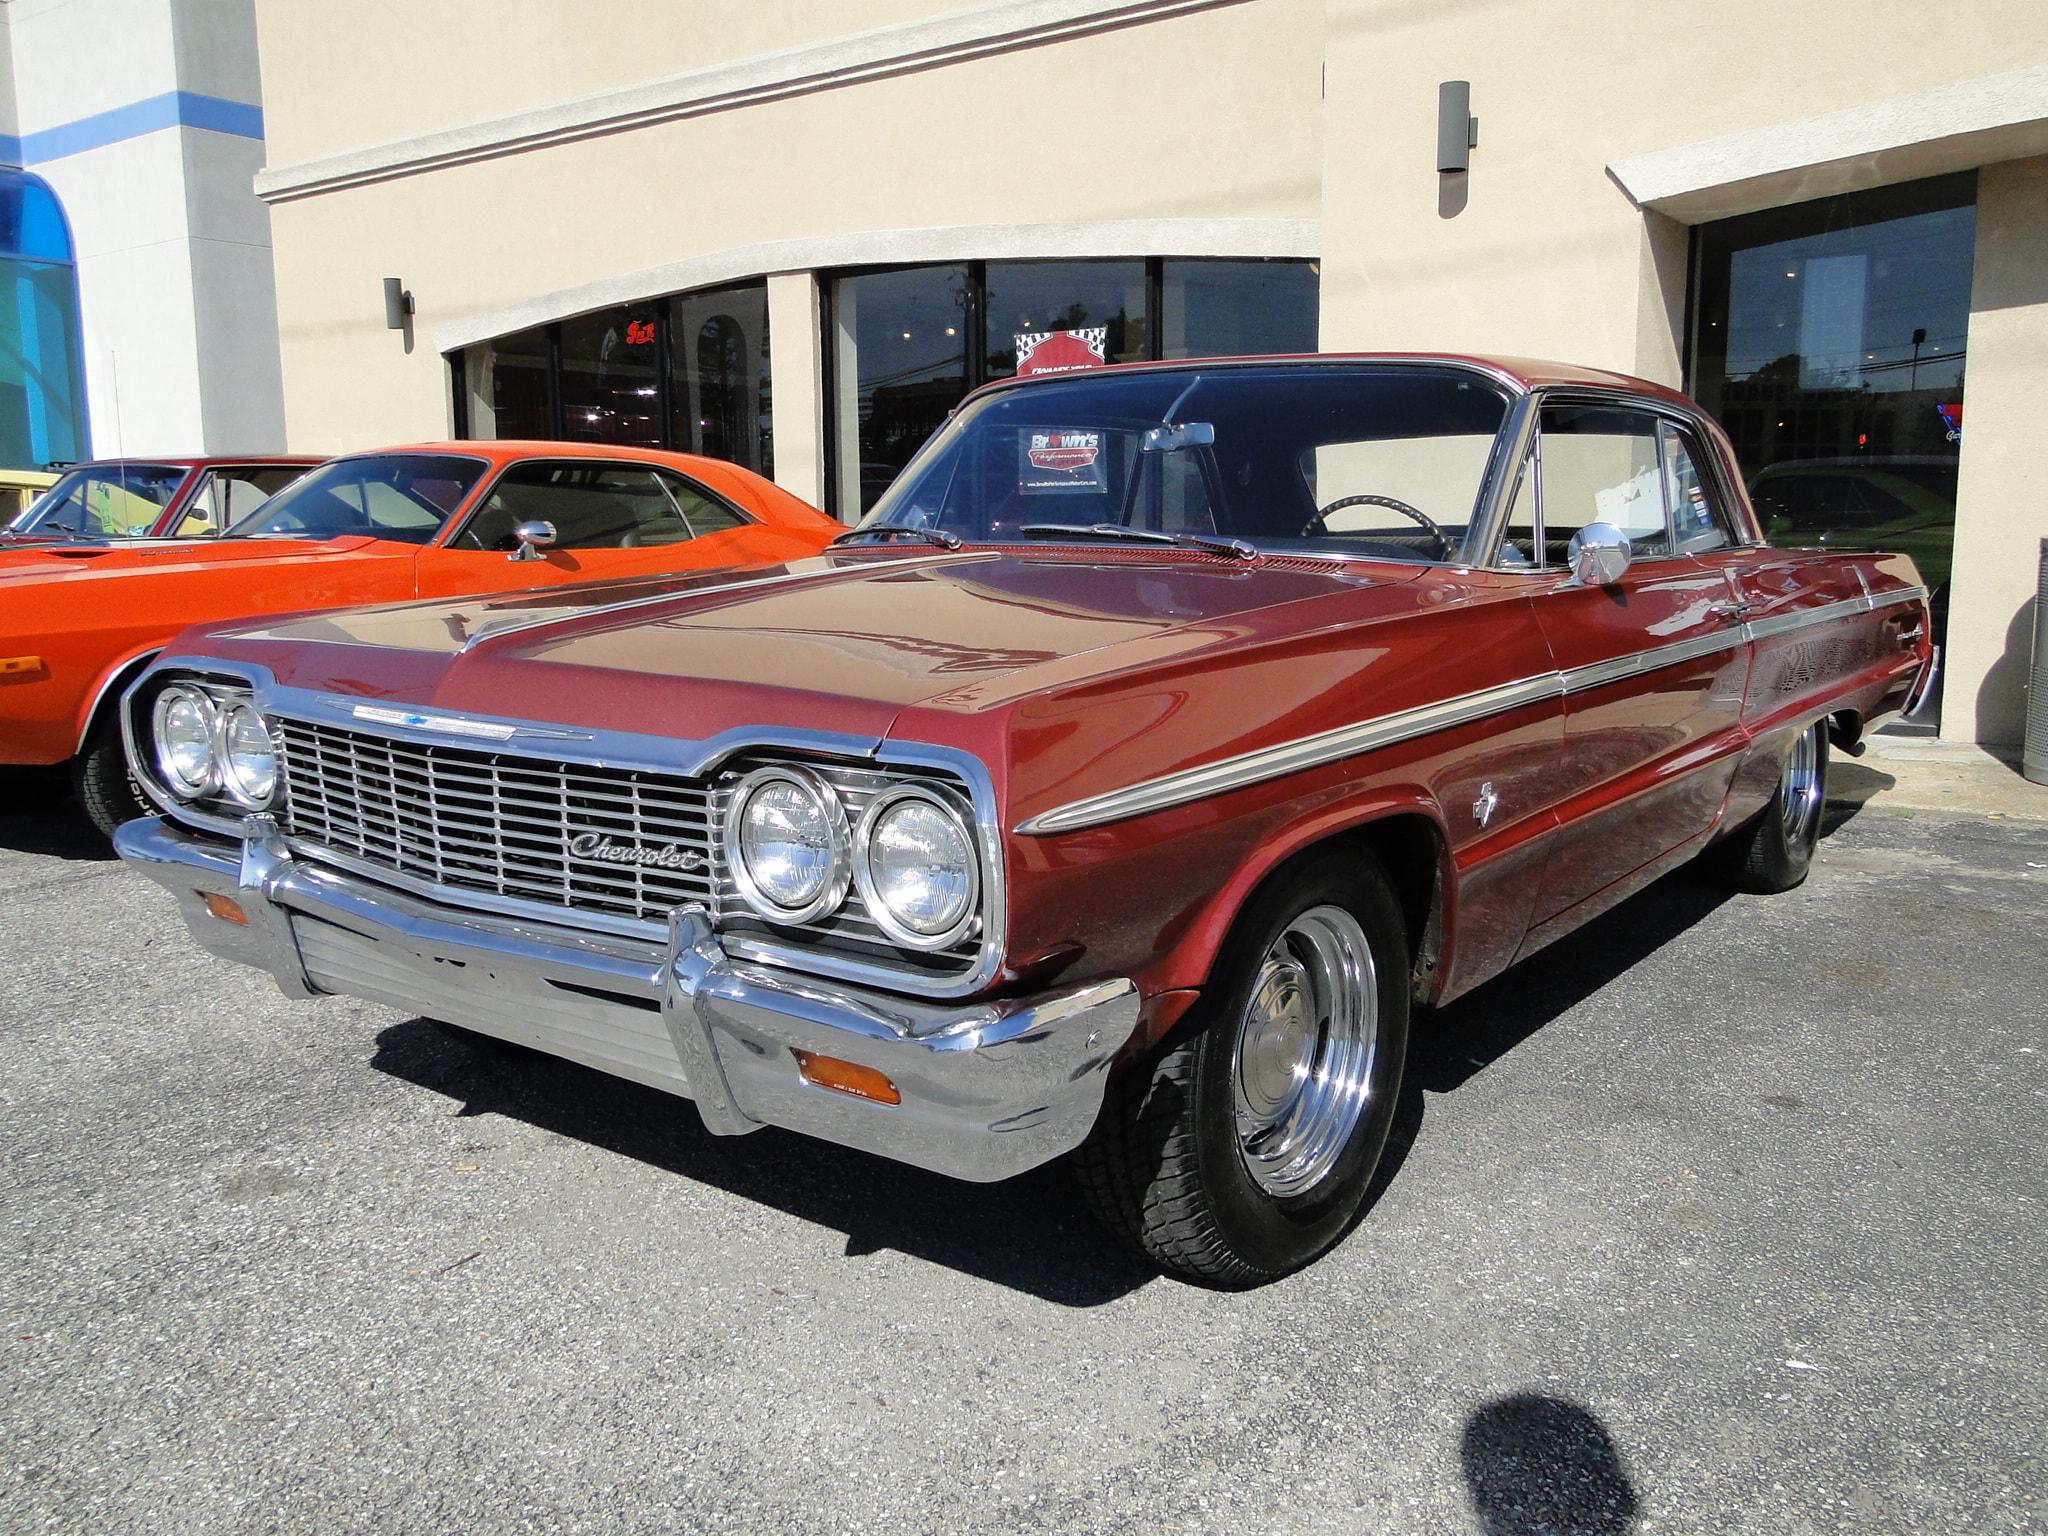 used 1964 chevrolet impala for sale glen burnie md. Black Bedroom Furniture Sets. Home Design Ideas